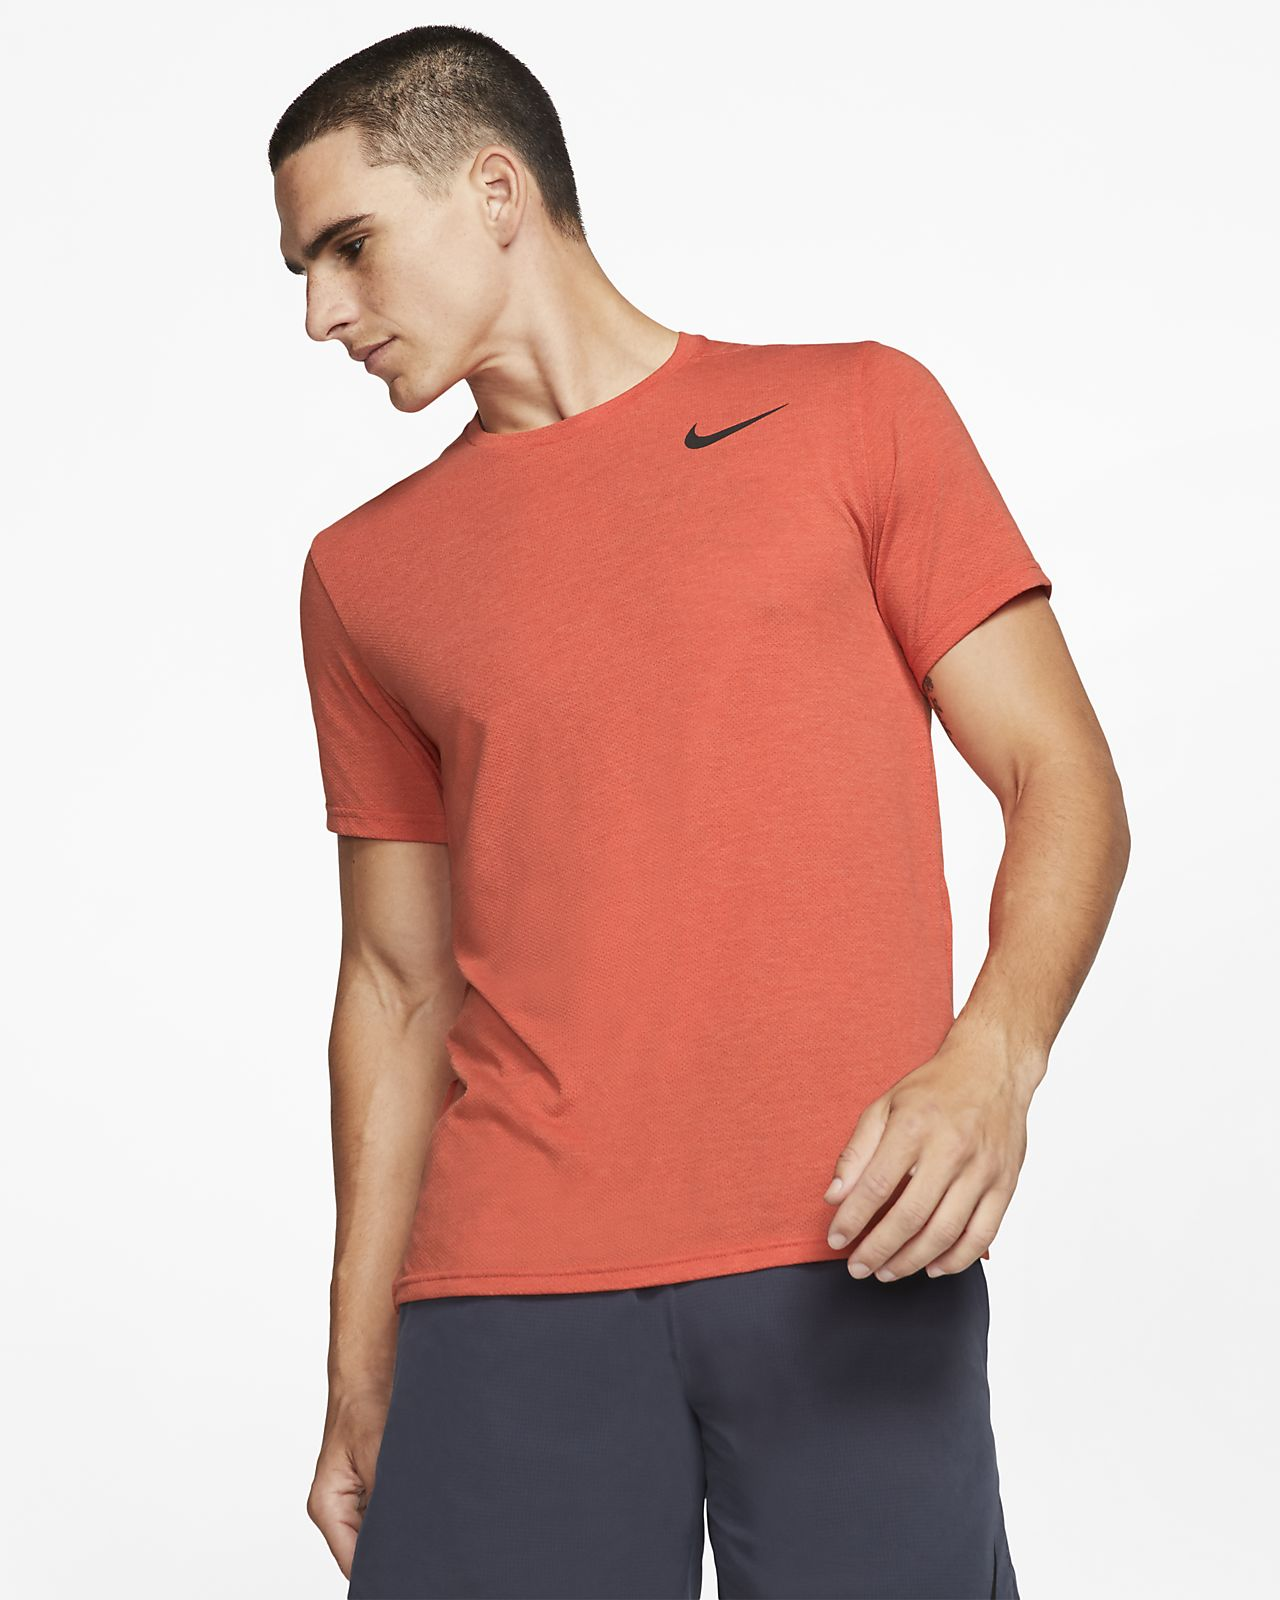 Camisola de treino de manga curta Nike Breathe para homem